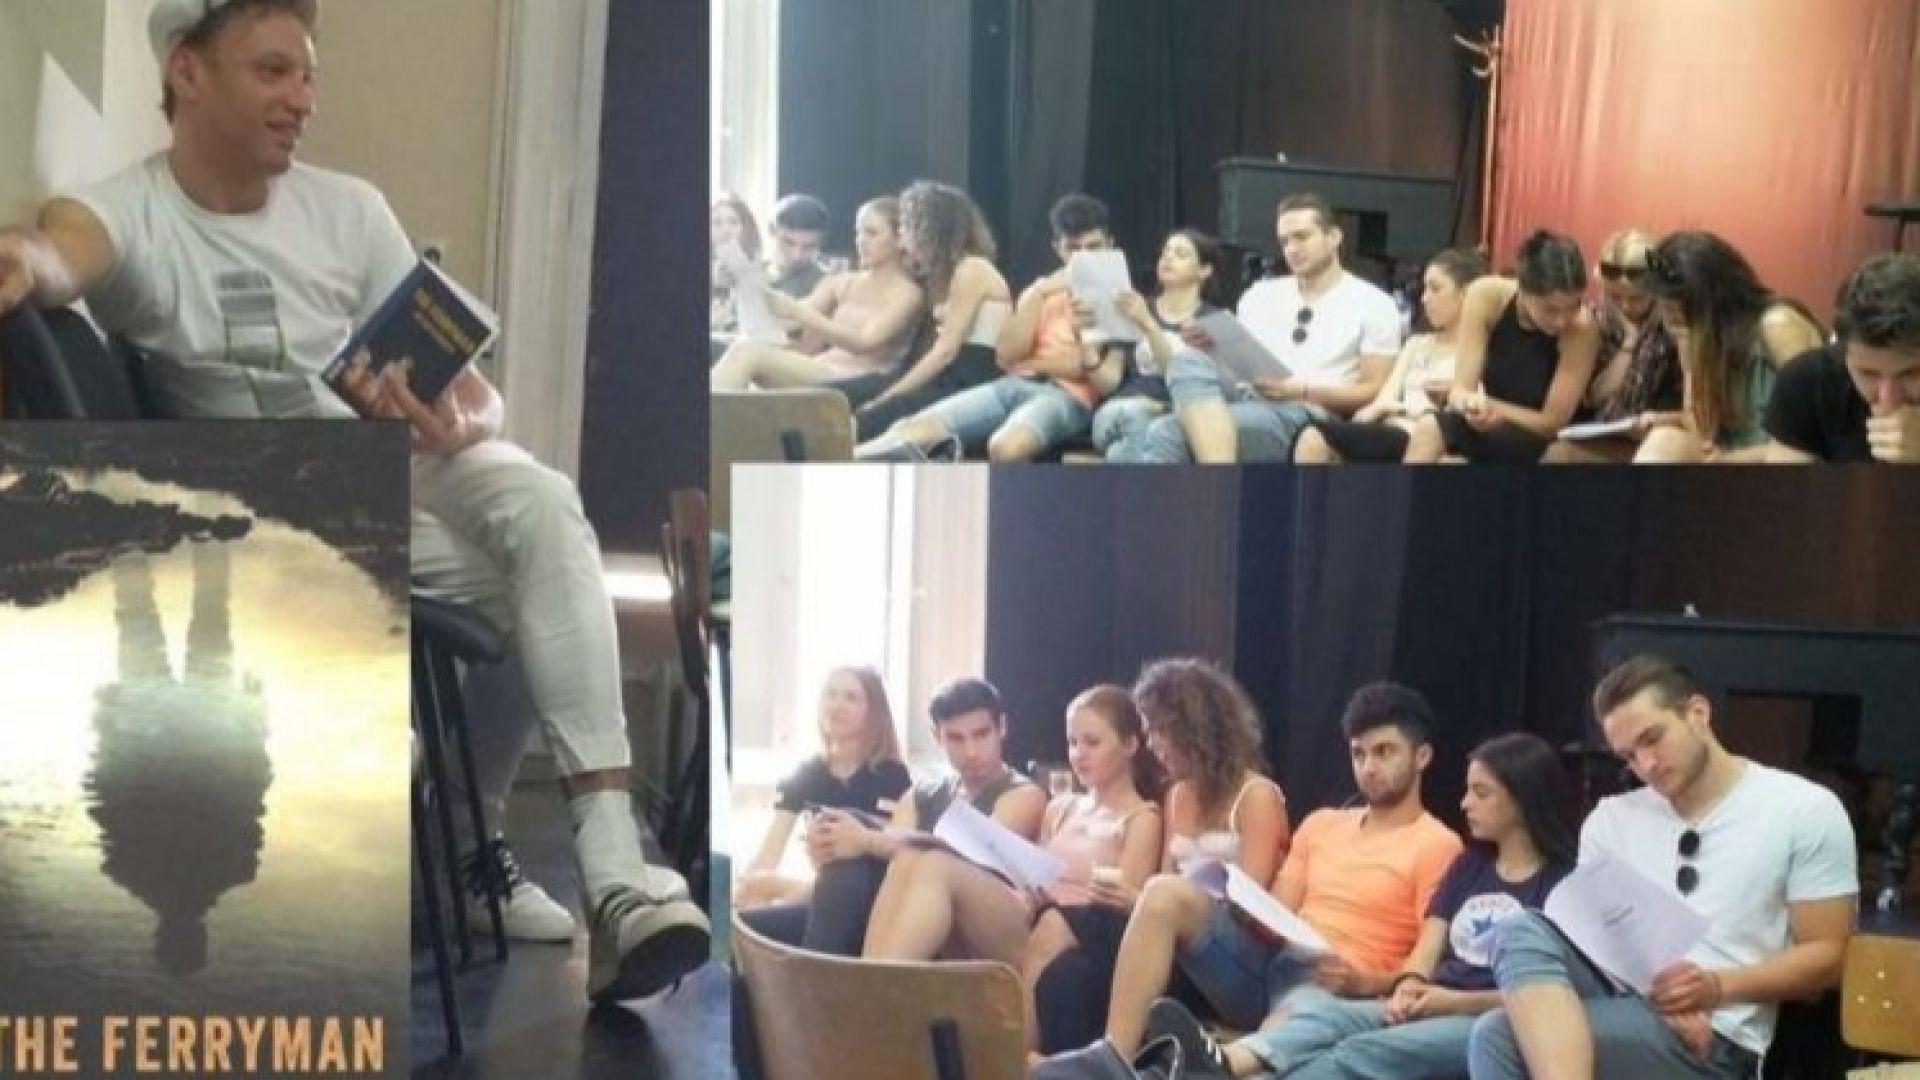 Ученици от последния клас на Стефан Данаилов: Той беше човек, който обичаше. Той даде път на моята песен